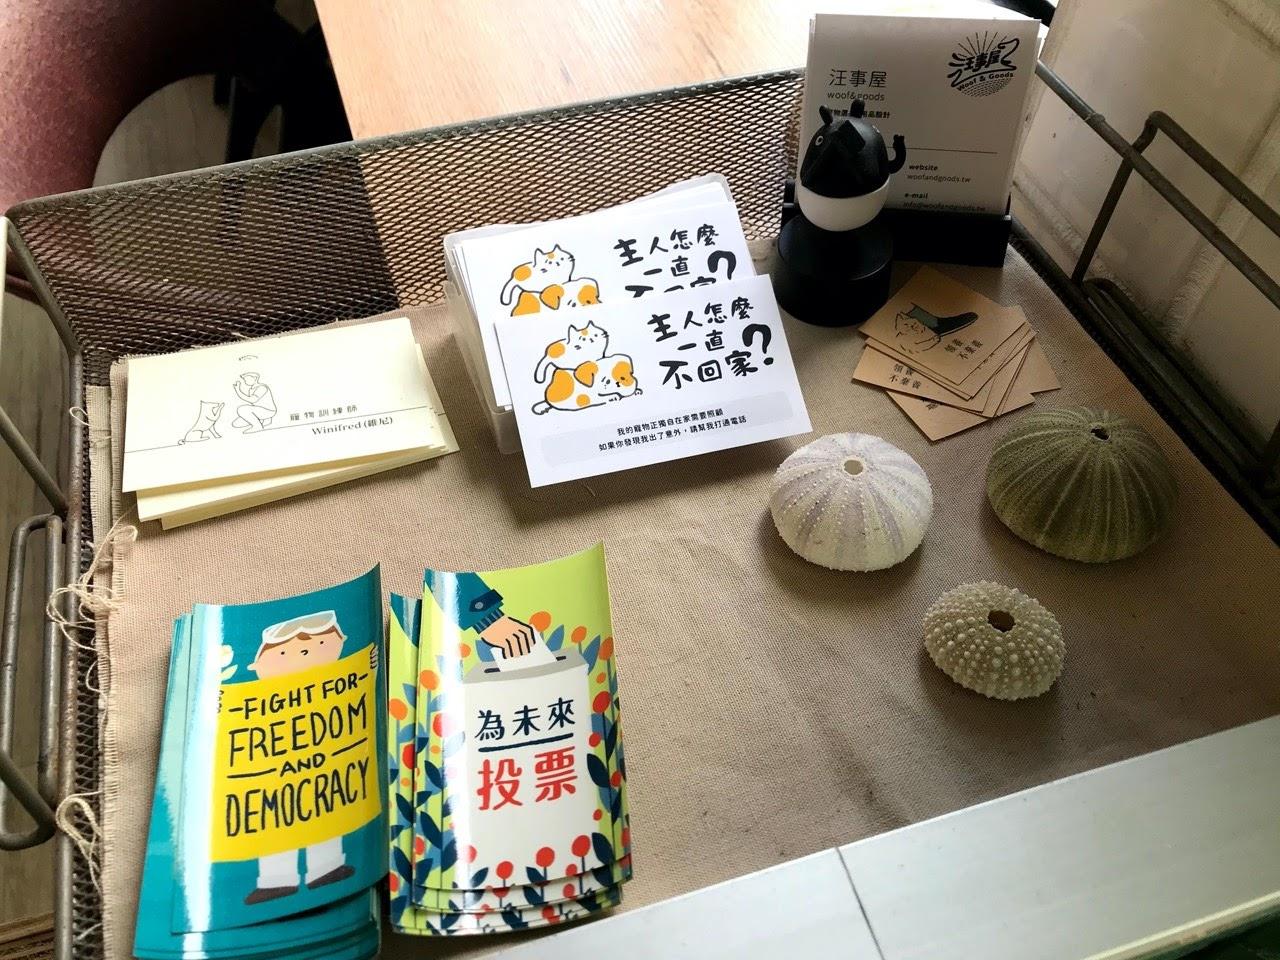 【台南|東區】狗抵家|寵物友善餐廳|中途狗狗的轉運站|各種吸狗的好地方